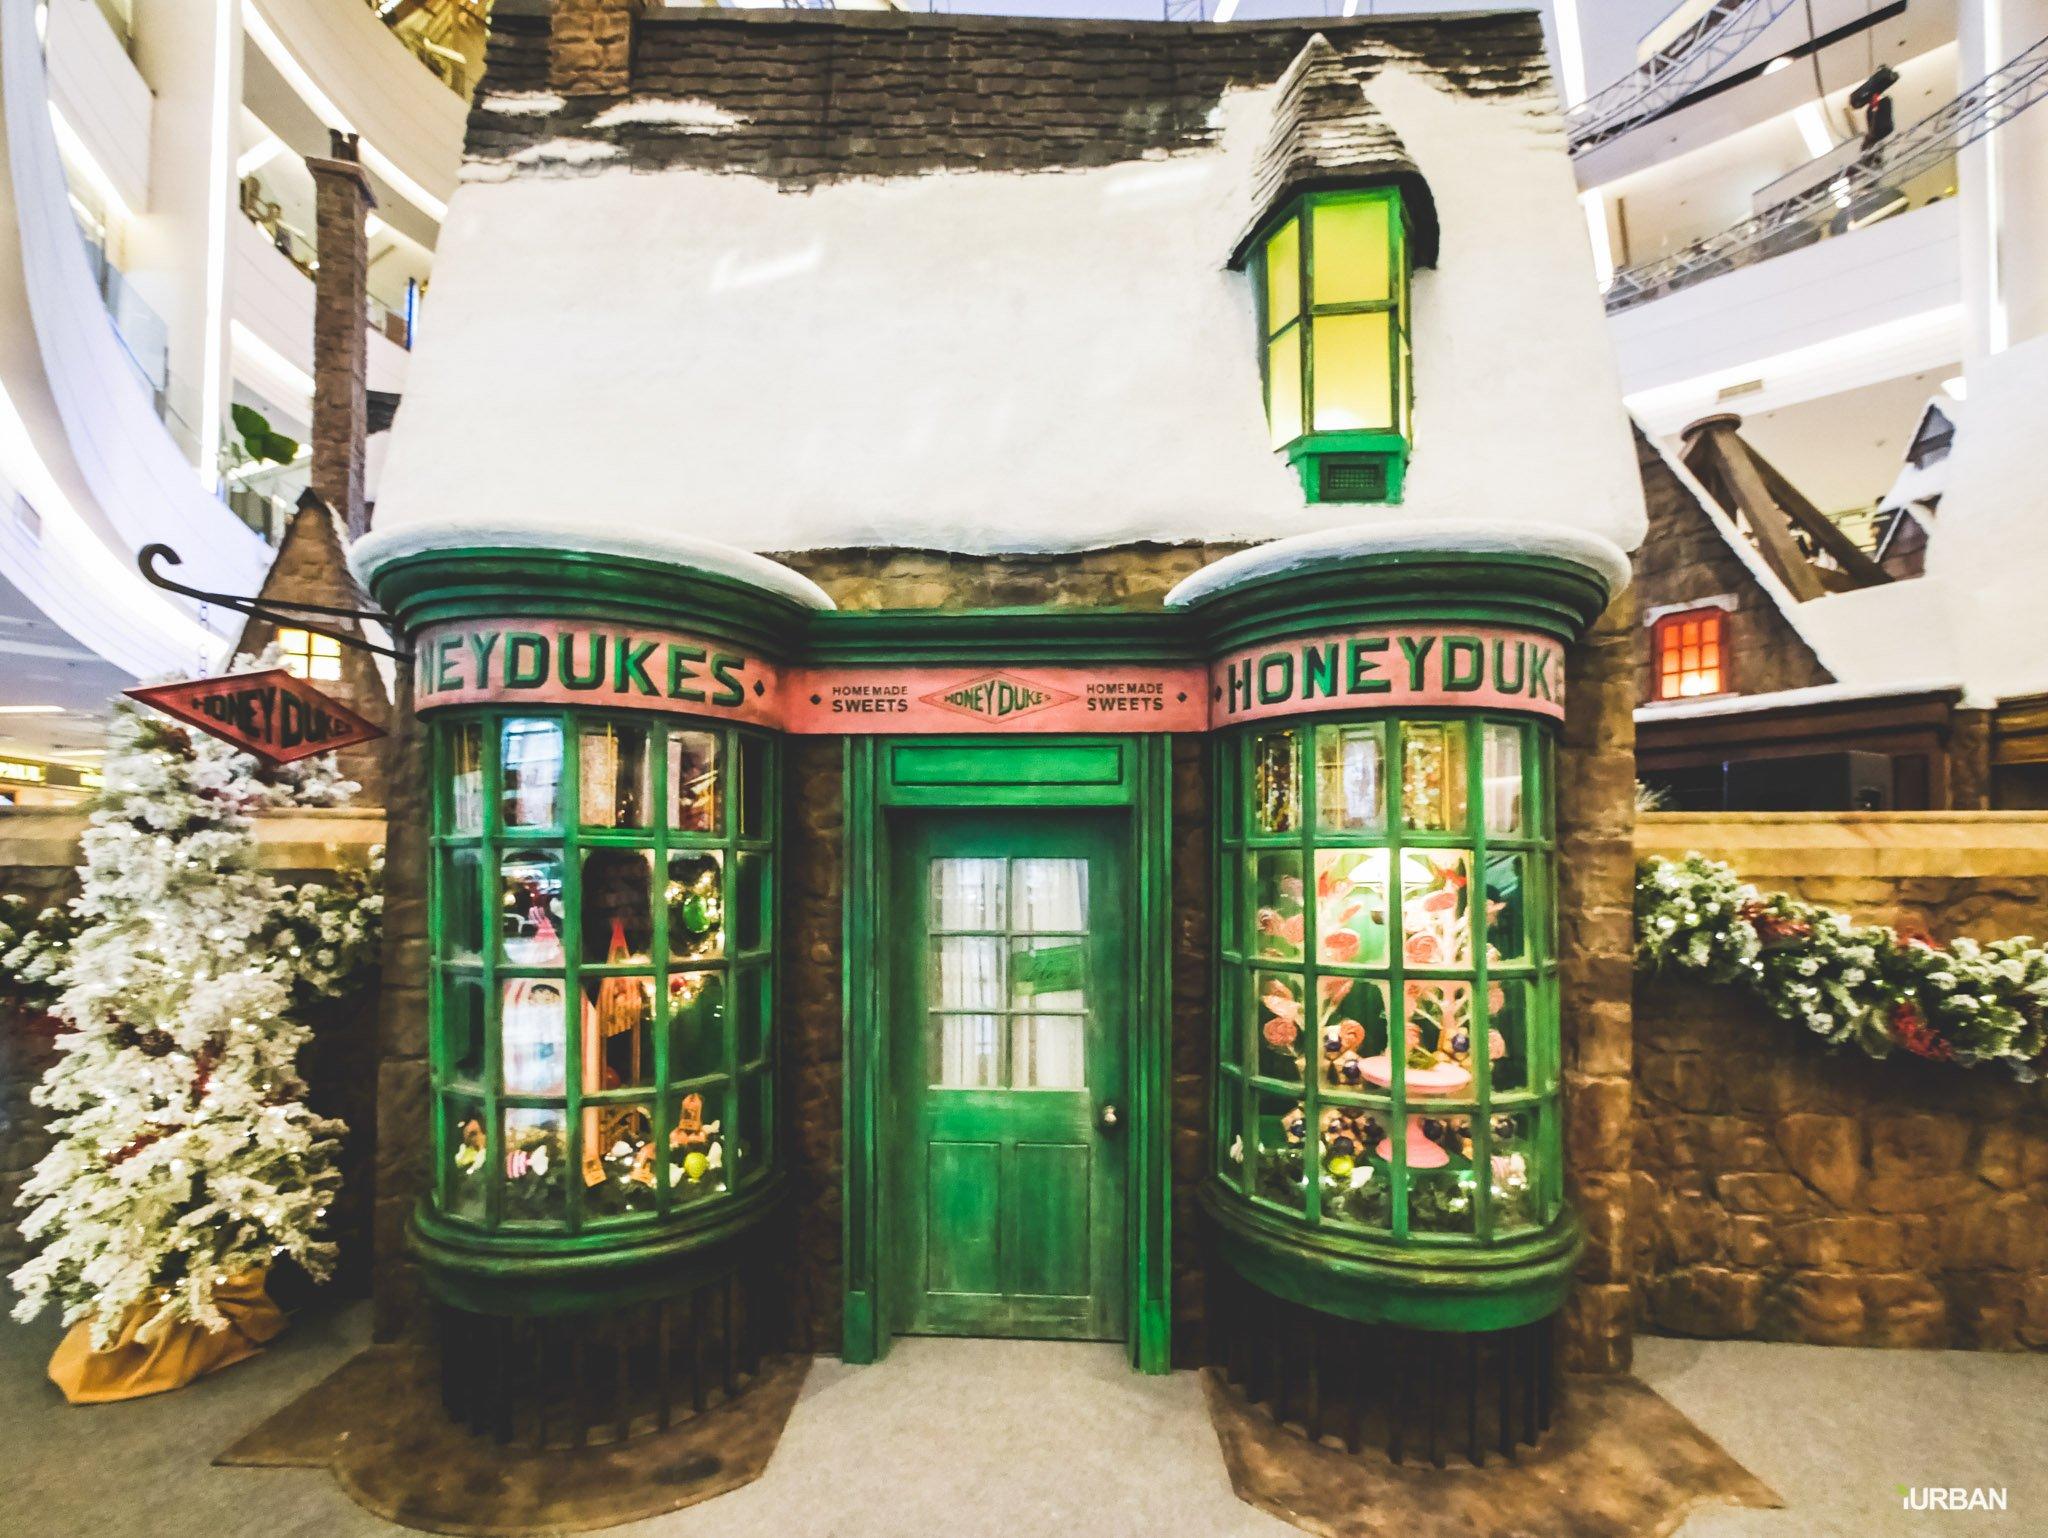 11 ไม้กายสิทธิ์ แฮร์รี่ พอตเตอร์ ราคา ที่งาน สยามพารากอน #HarryPotterThailand  Harry Potter Paragon 38 - Fantastic Beasts